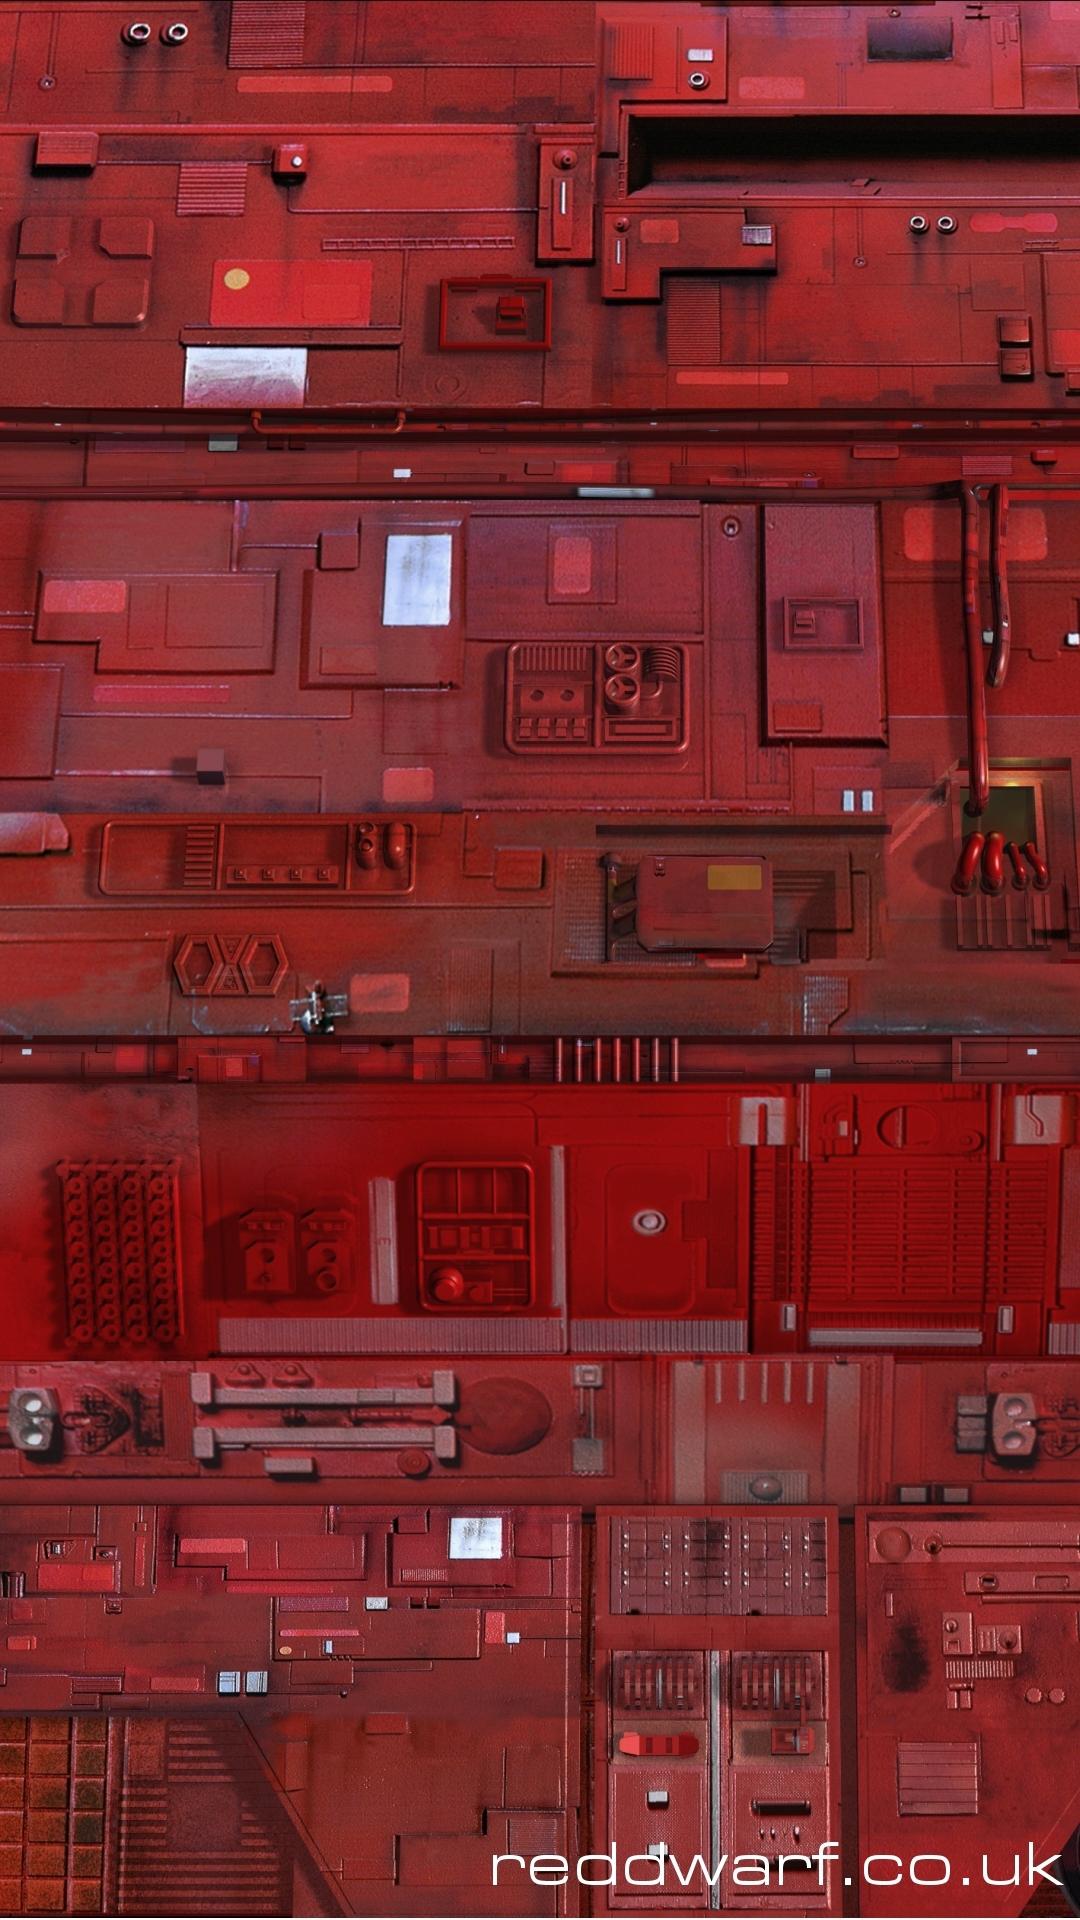 1920x1080 red dwarf - photo #34